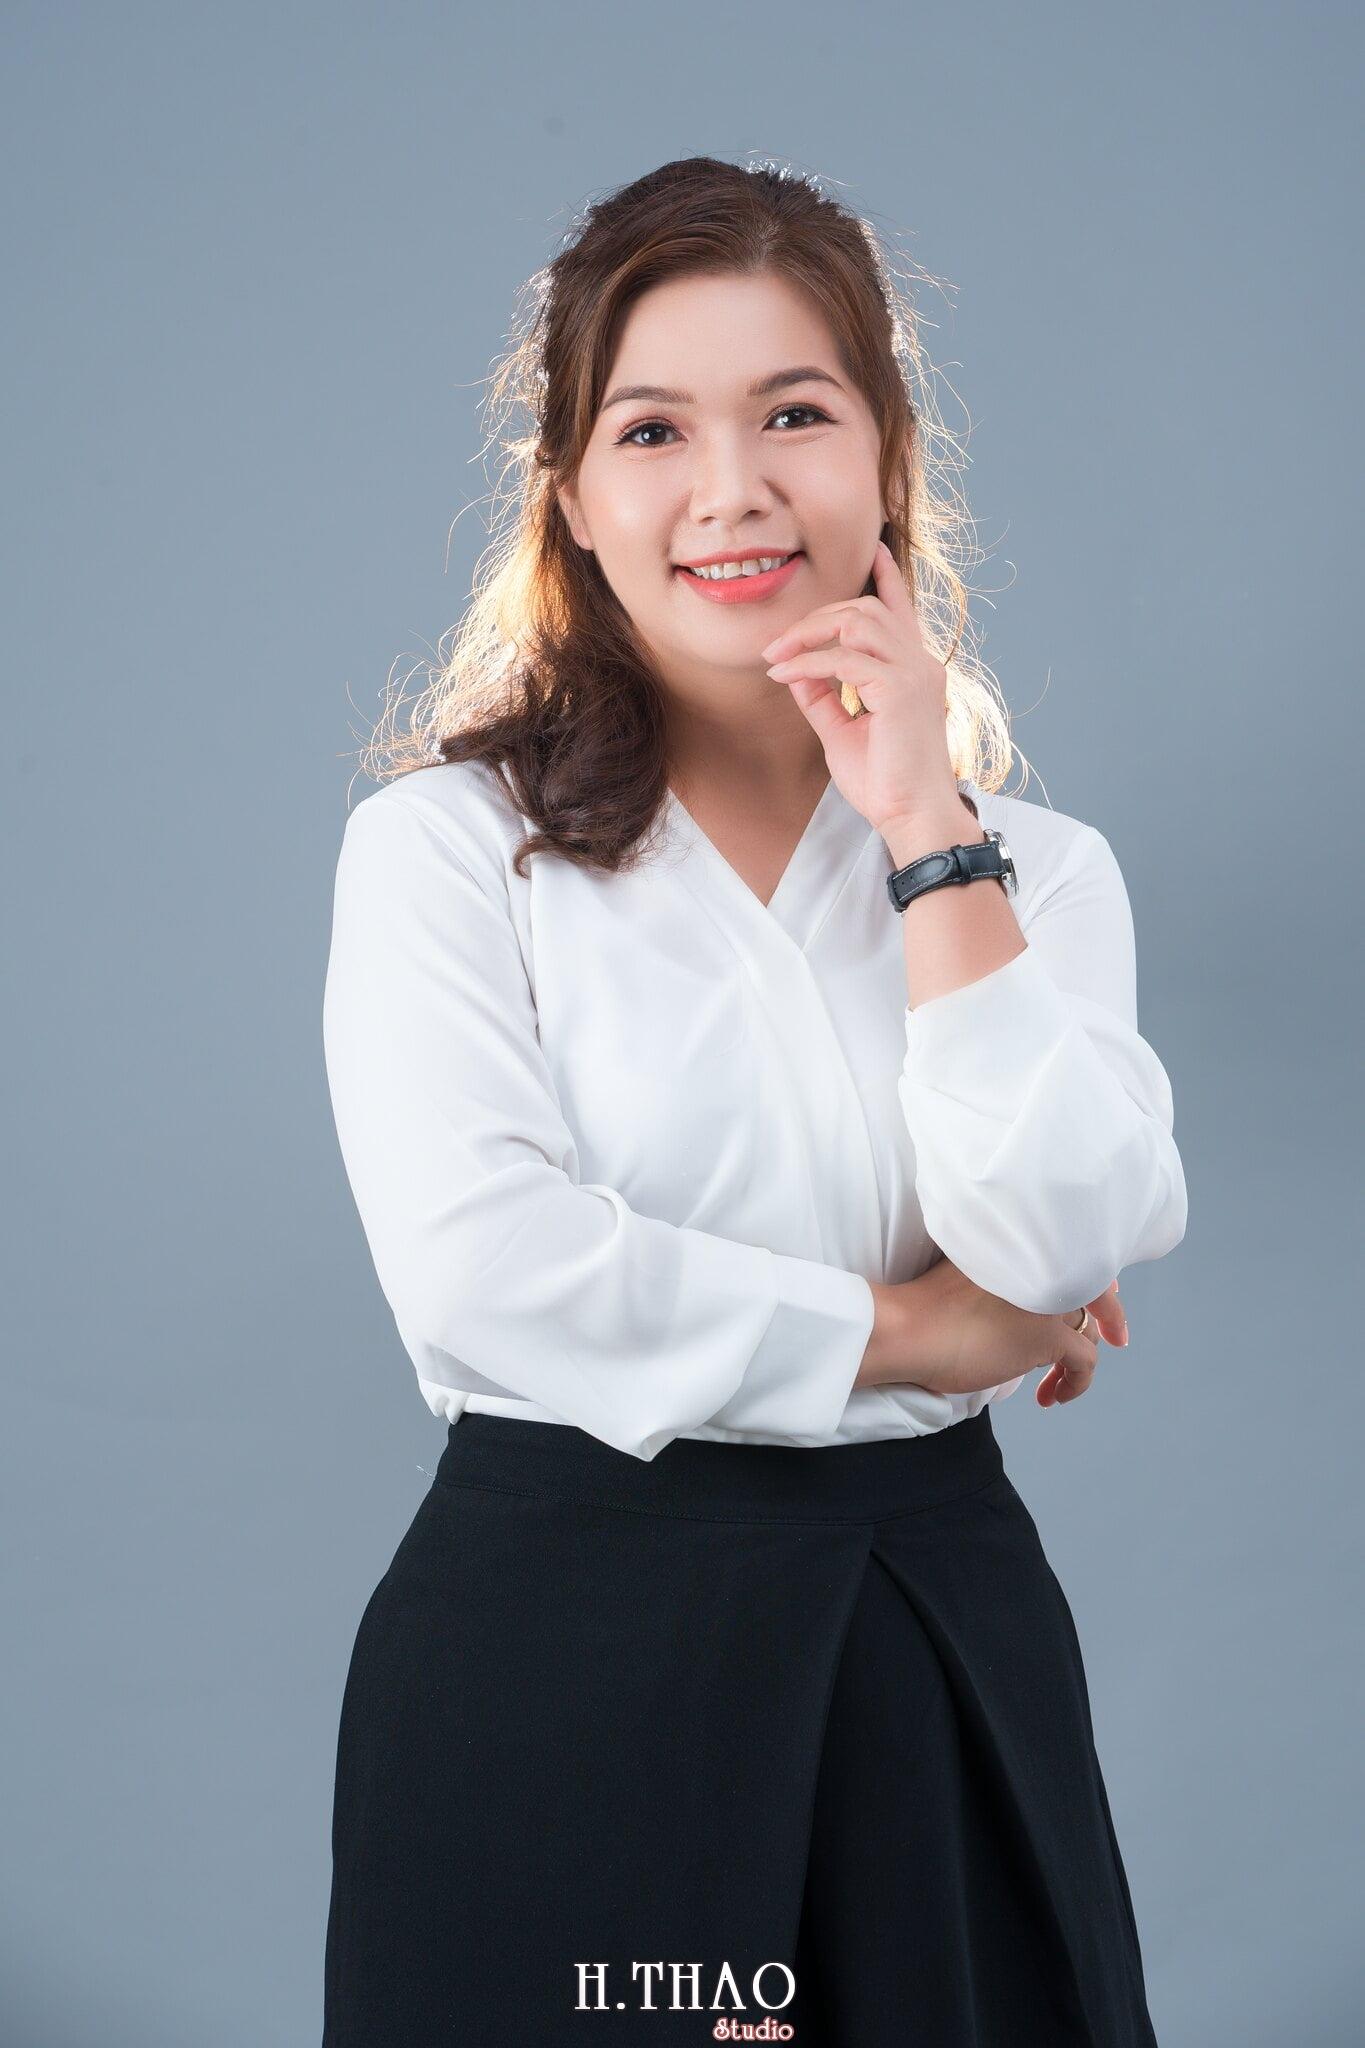 cong ty manulife 12 min - Studio chụp ảnh profile cá nhân chuyên nghiệp ở Tp.HCM- HThao Studio